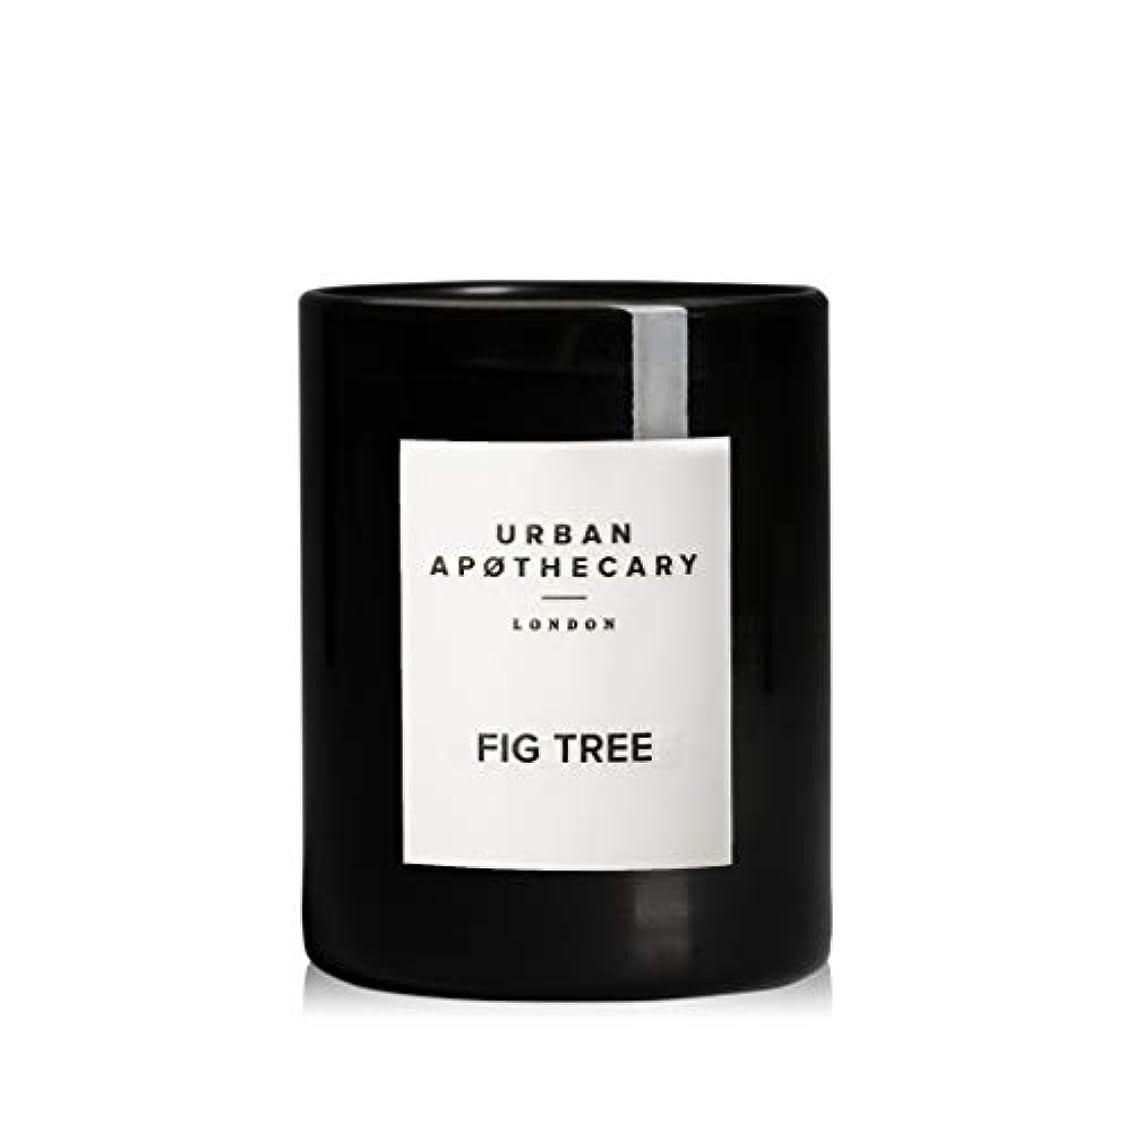 究極の失われたURBAN APOTHECARY キャンドル(小)FIG TREE 70g